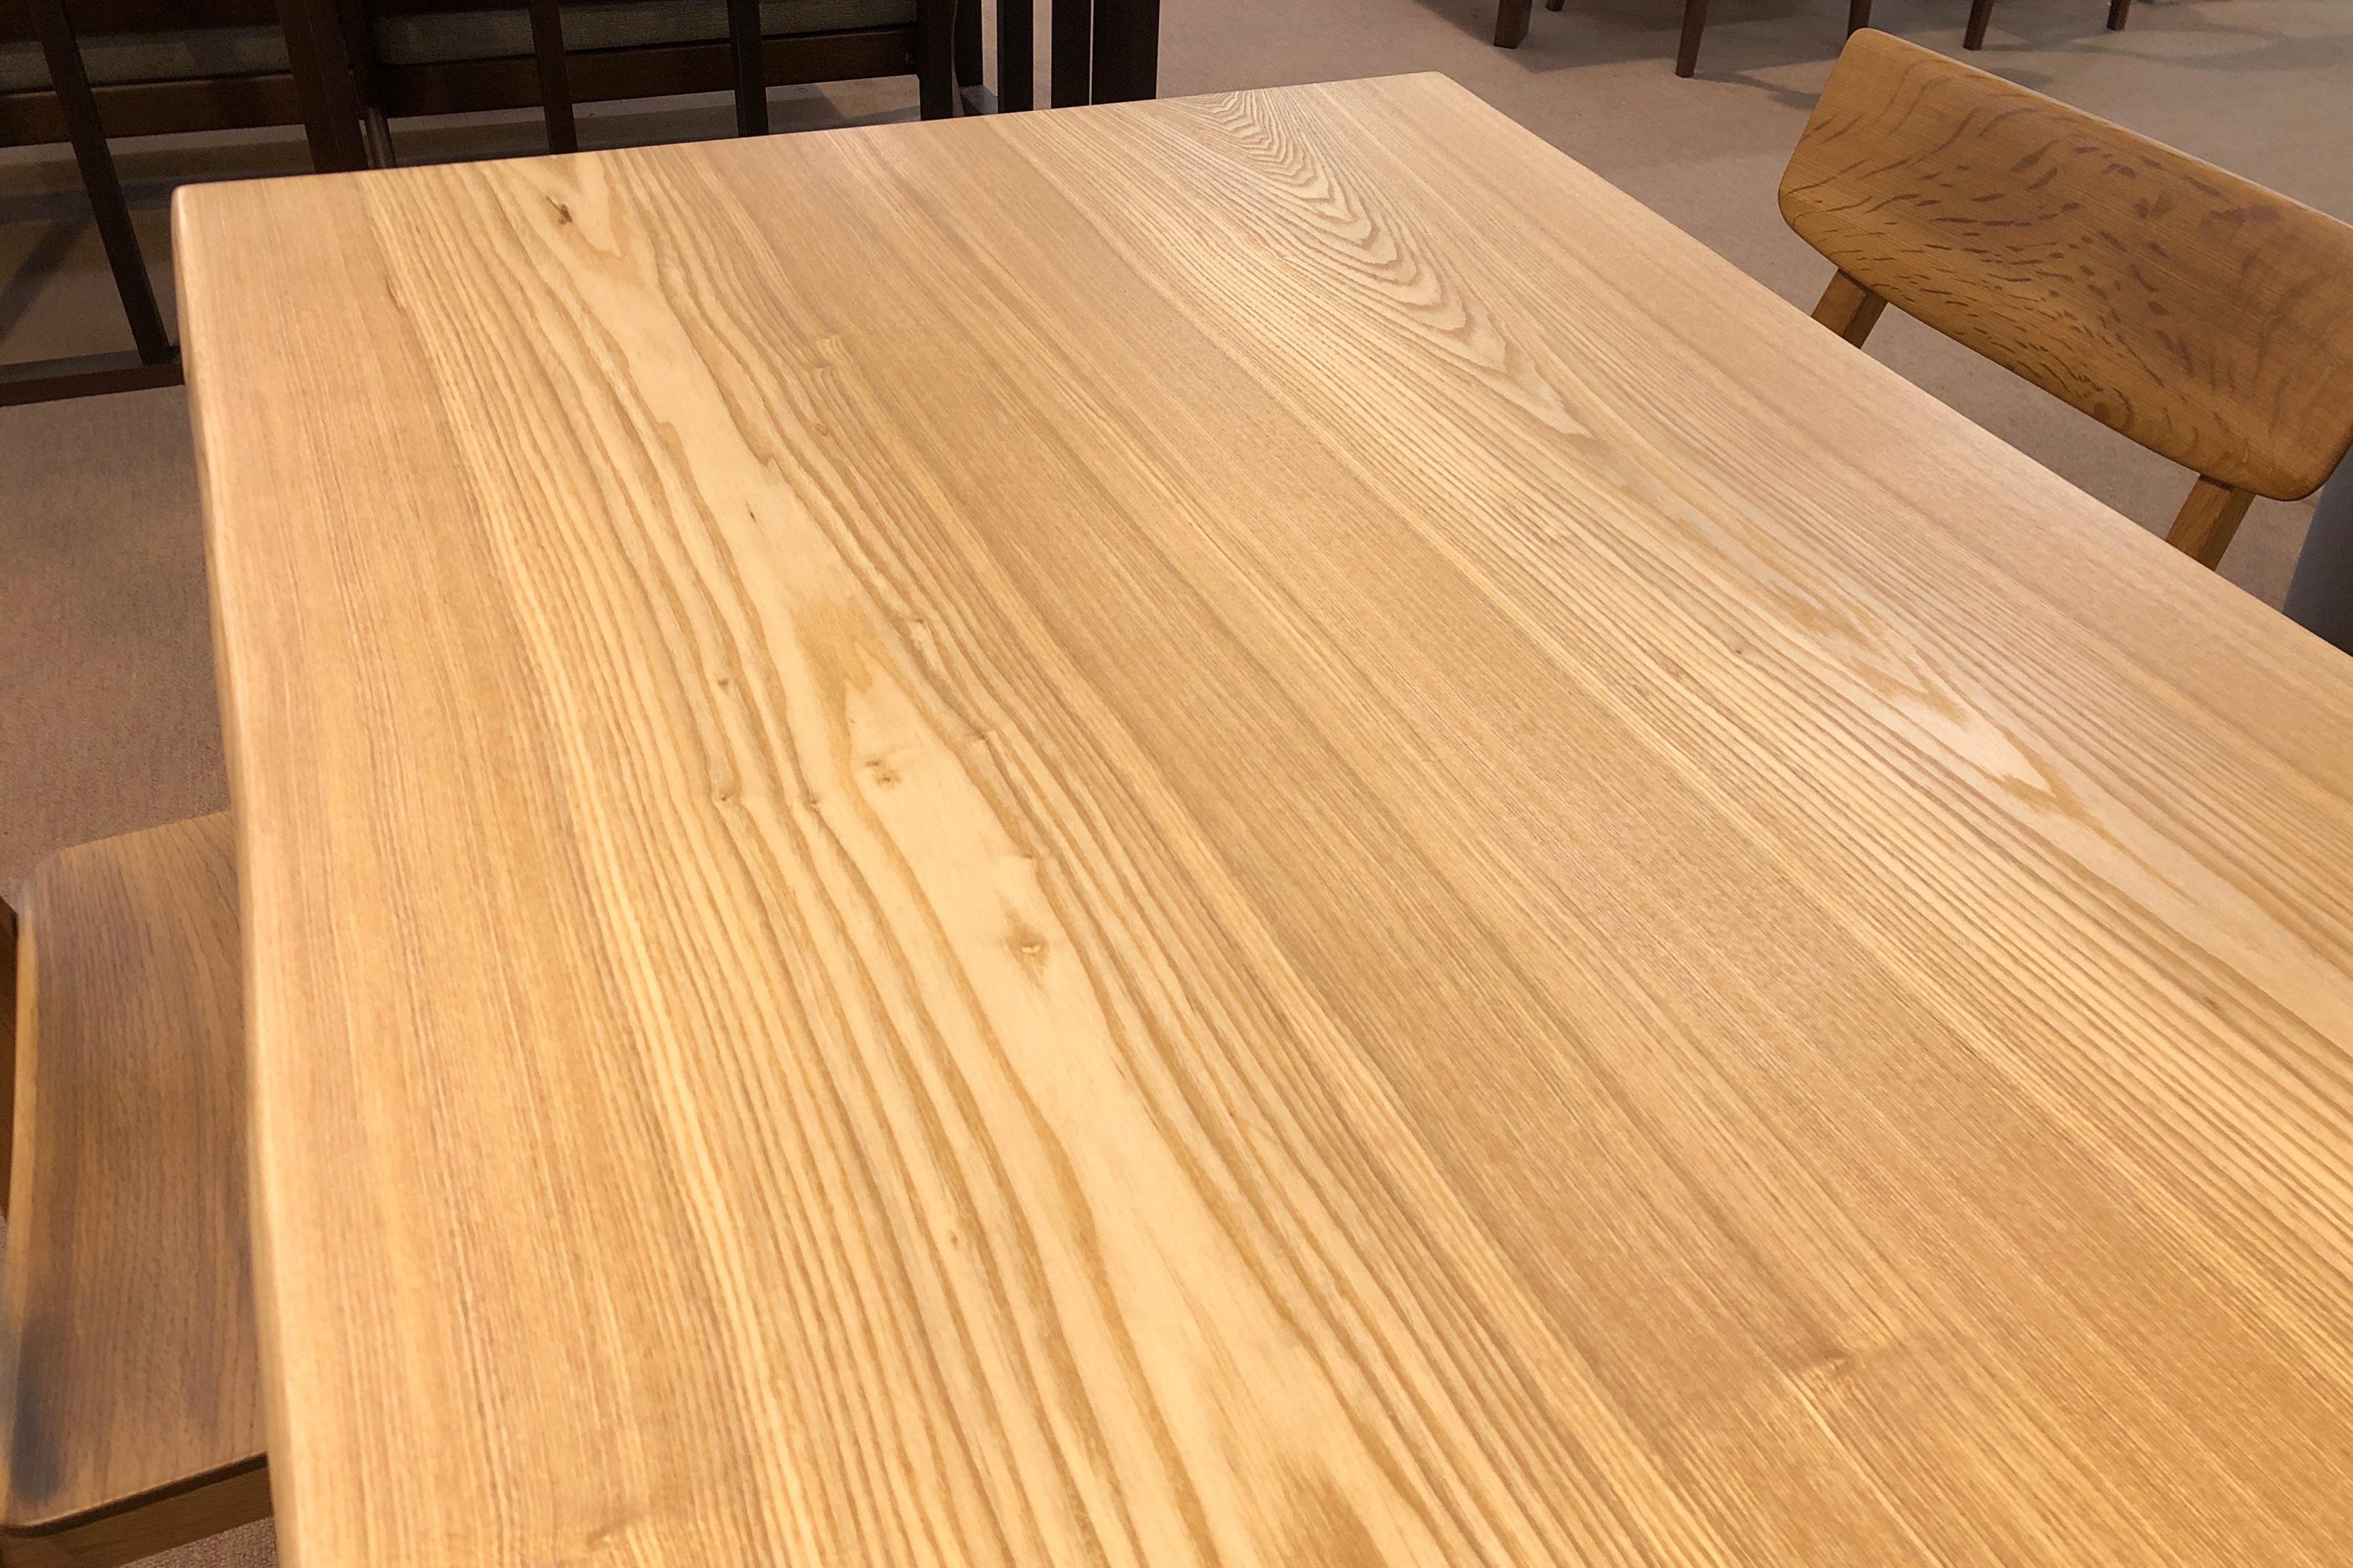 飛騨の家具 一枚板 無垢テーブル 天然木 ダイニングセット タモ 大阪 木匠舘マイドゥ